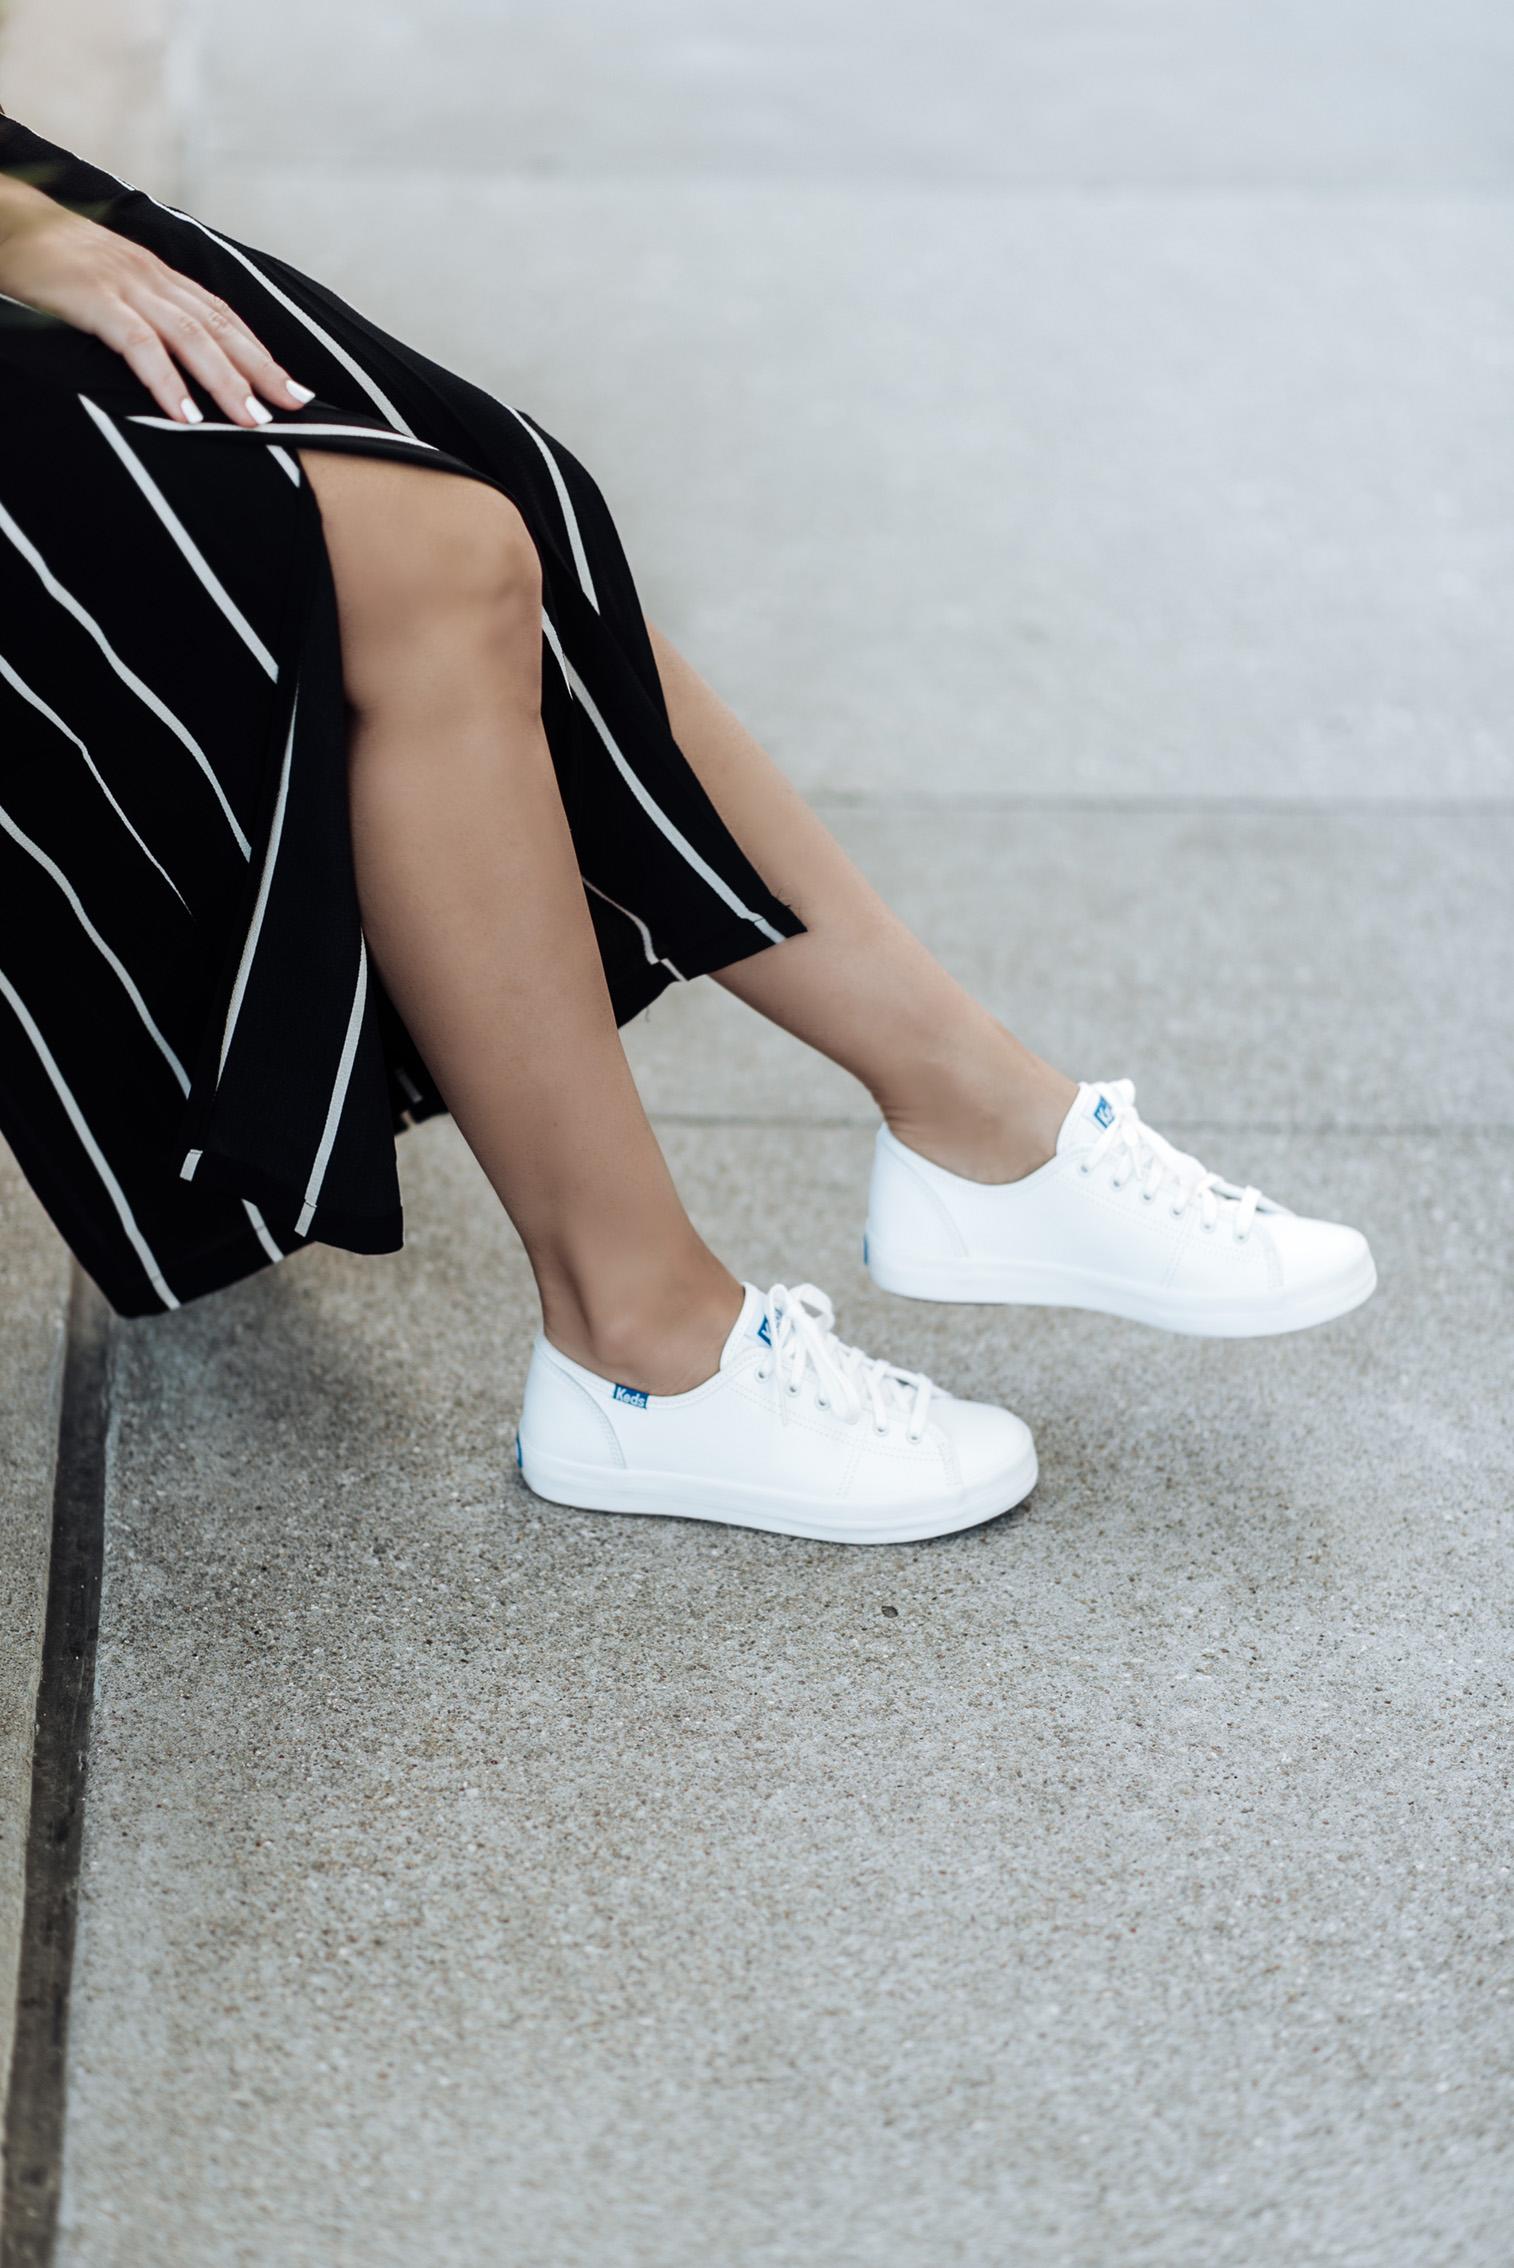 Tiffany Jais fashion and lifestyle blogger of Flaunt and Center | Houston fashion blogger | Streetstyle blog | {C/O Keds | Striped pants (Similar style) | White tee (similar) | Bag |